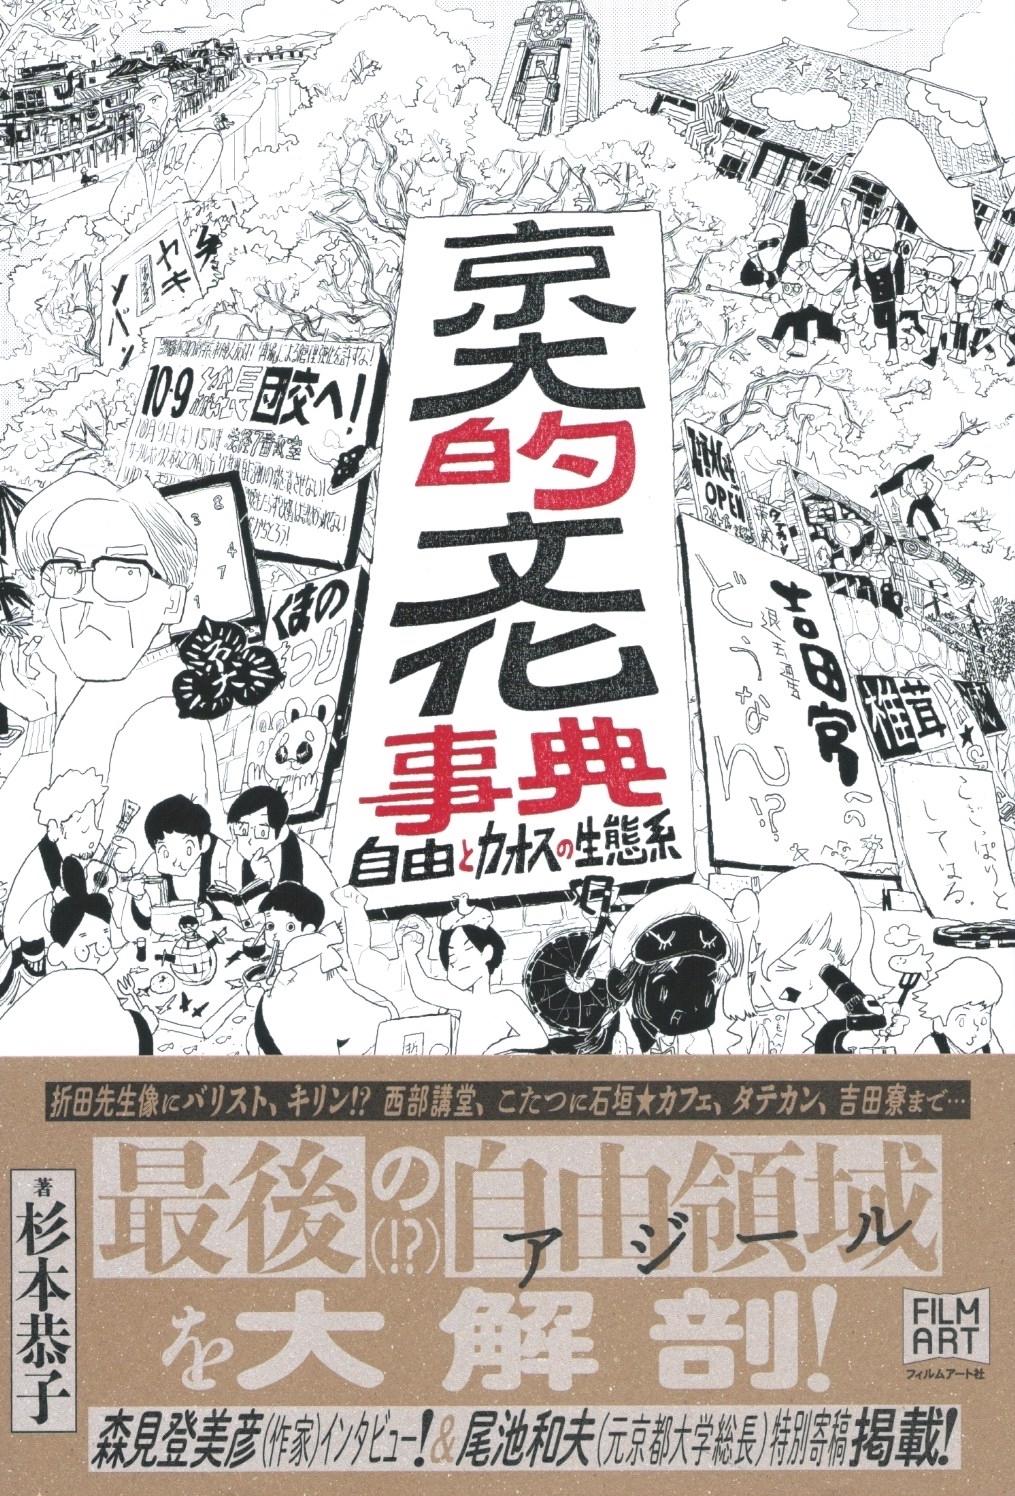 京大的文化事典 自由とカオスの生態系